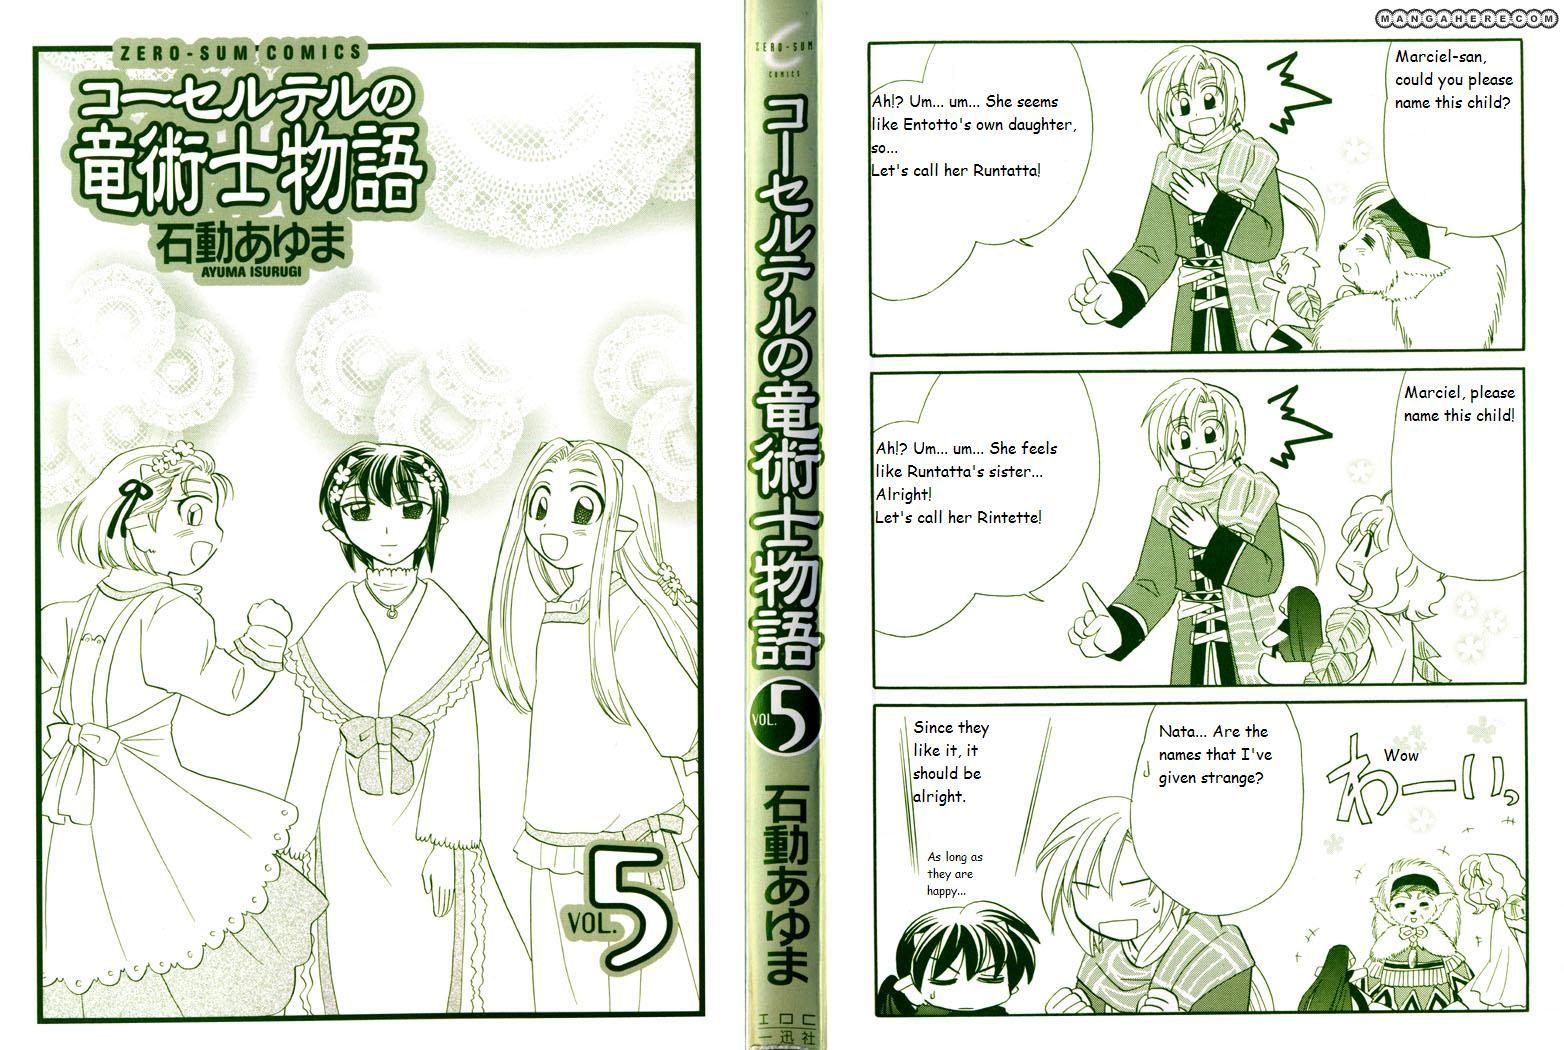 Corseltel No Ryuujitsushi Monogatari 37.5 Page 1